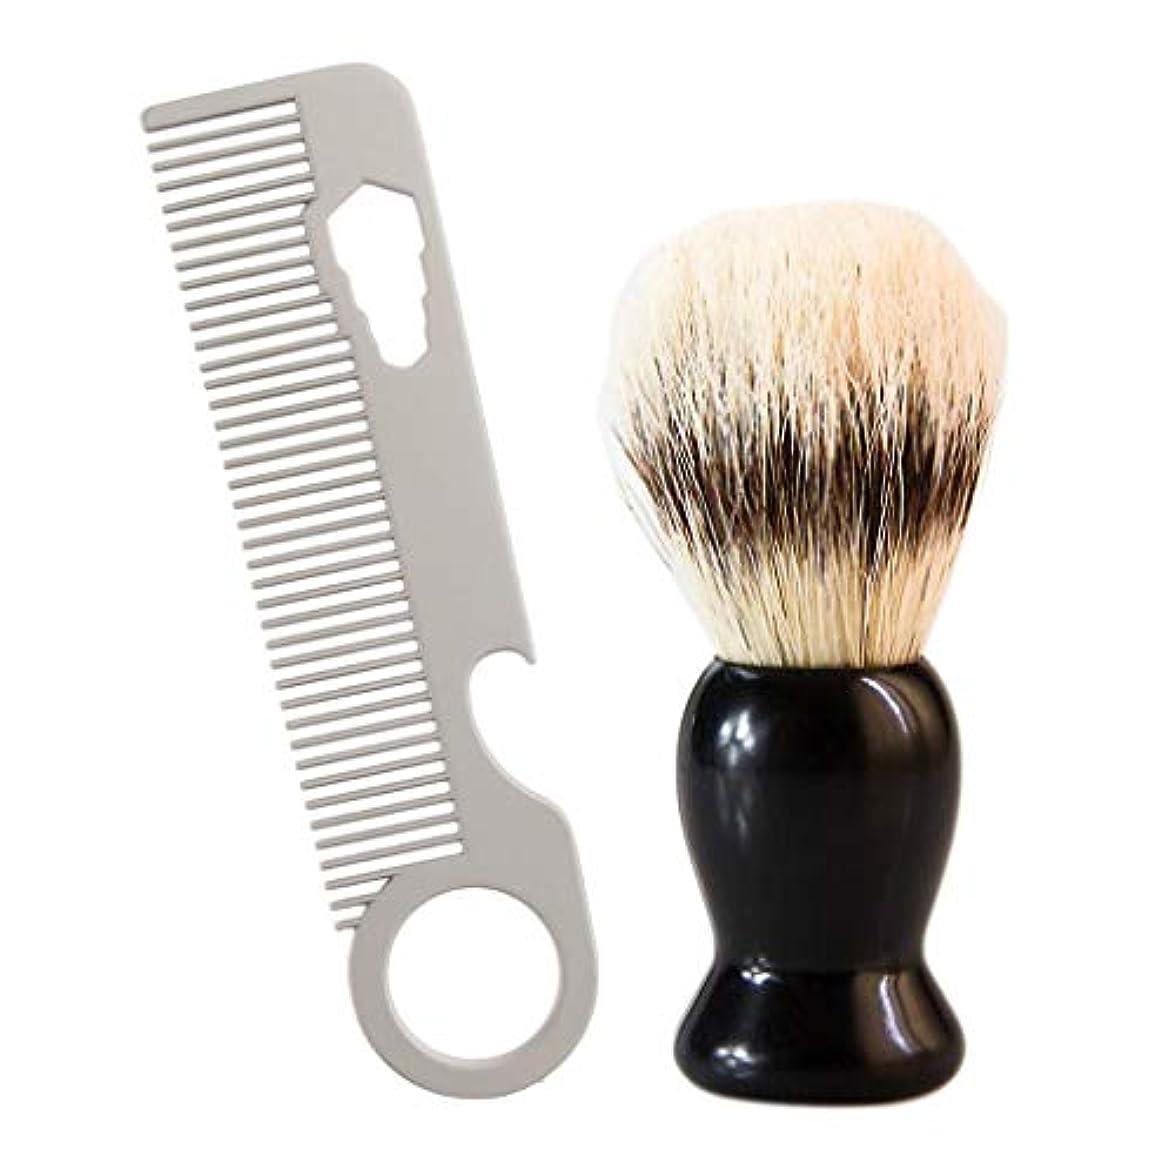 chiwanji 男性用 ひげ剃り櫛 シェービングブラシ 理容 洗顔 髭剃り 旅行 携帯便利 2個セット